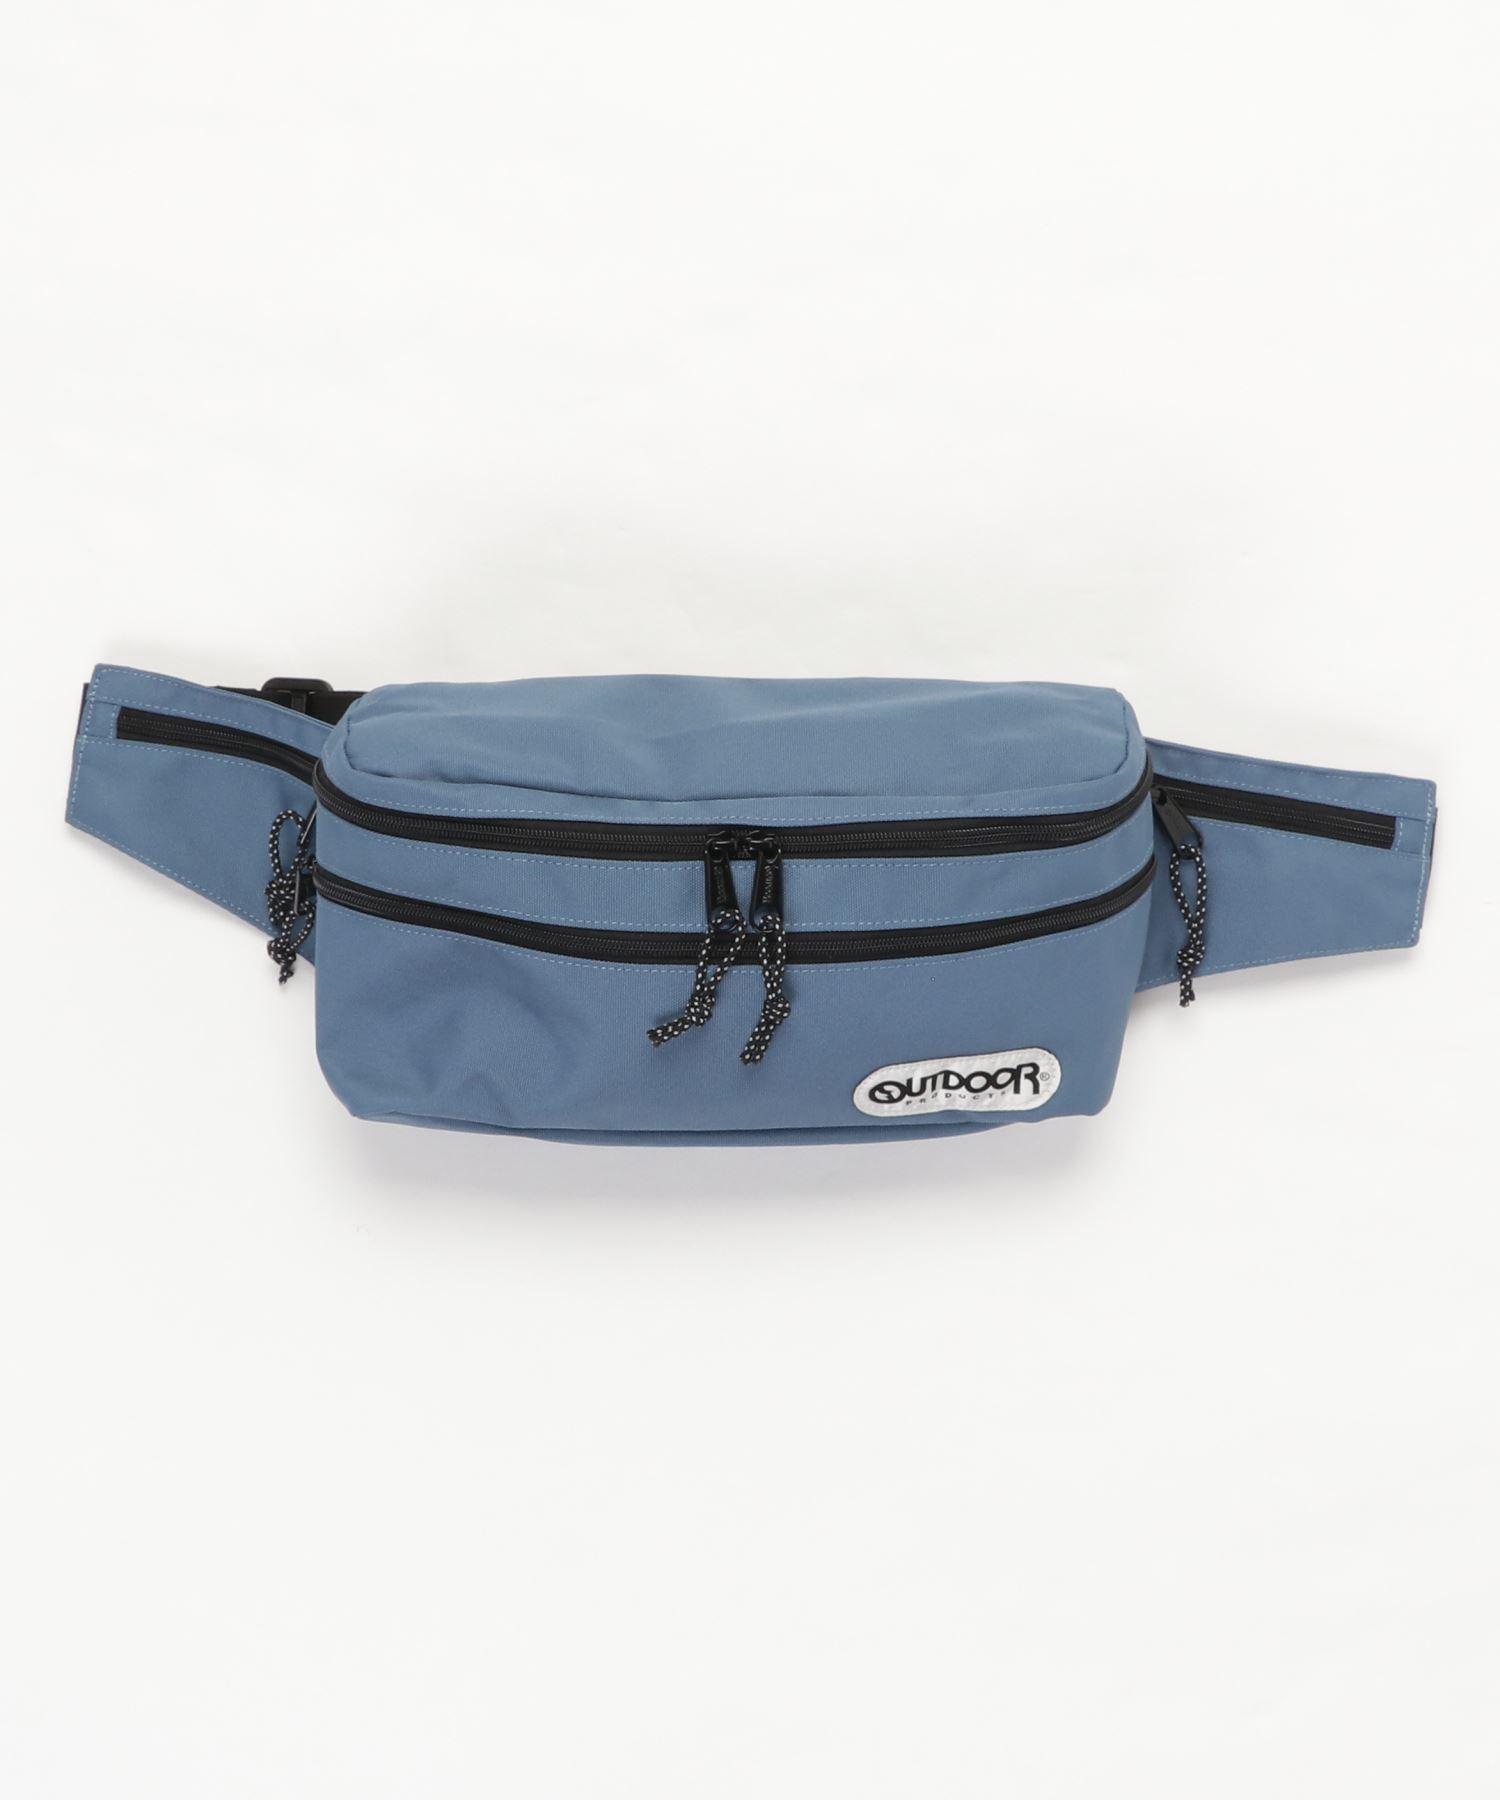 Outdoor Products アウトドアプロダクツ / 185 HIP BAG